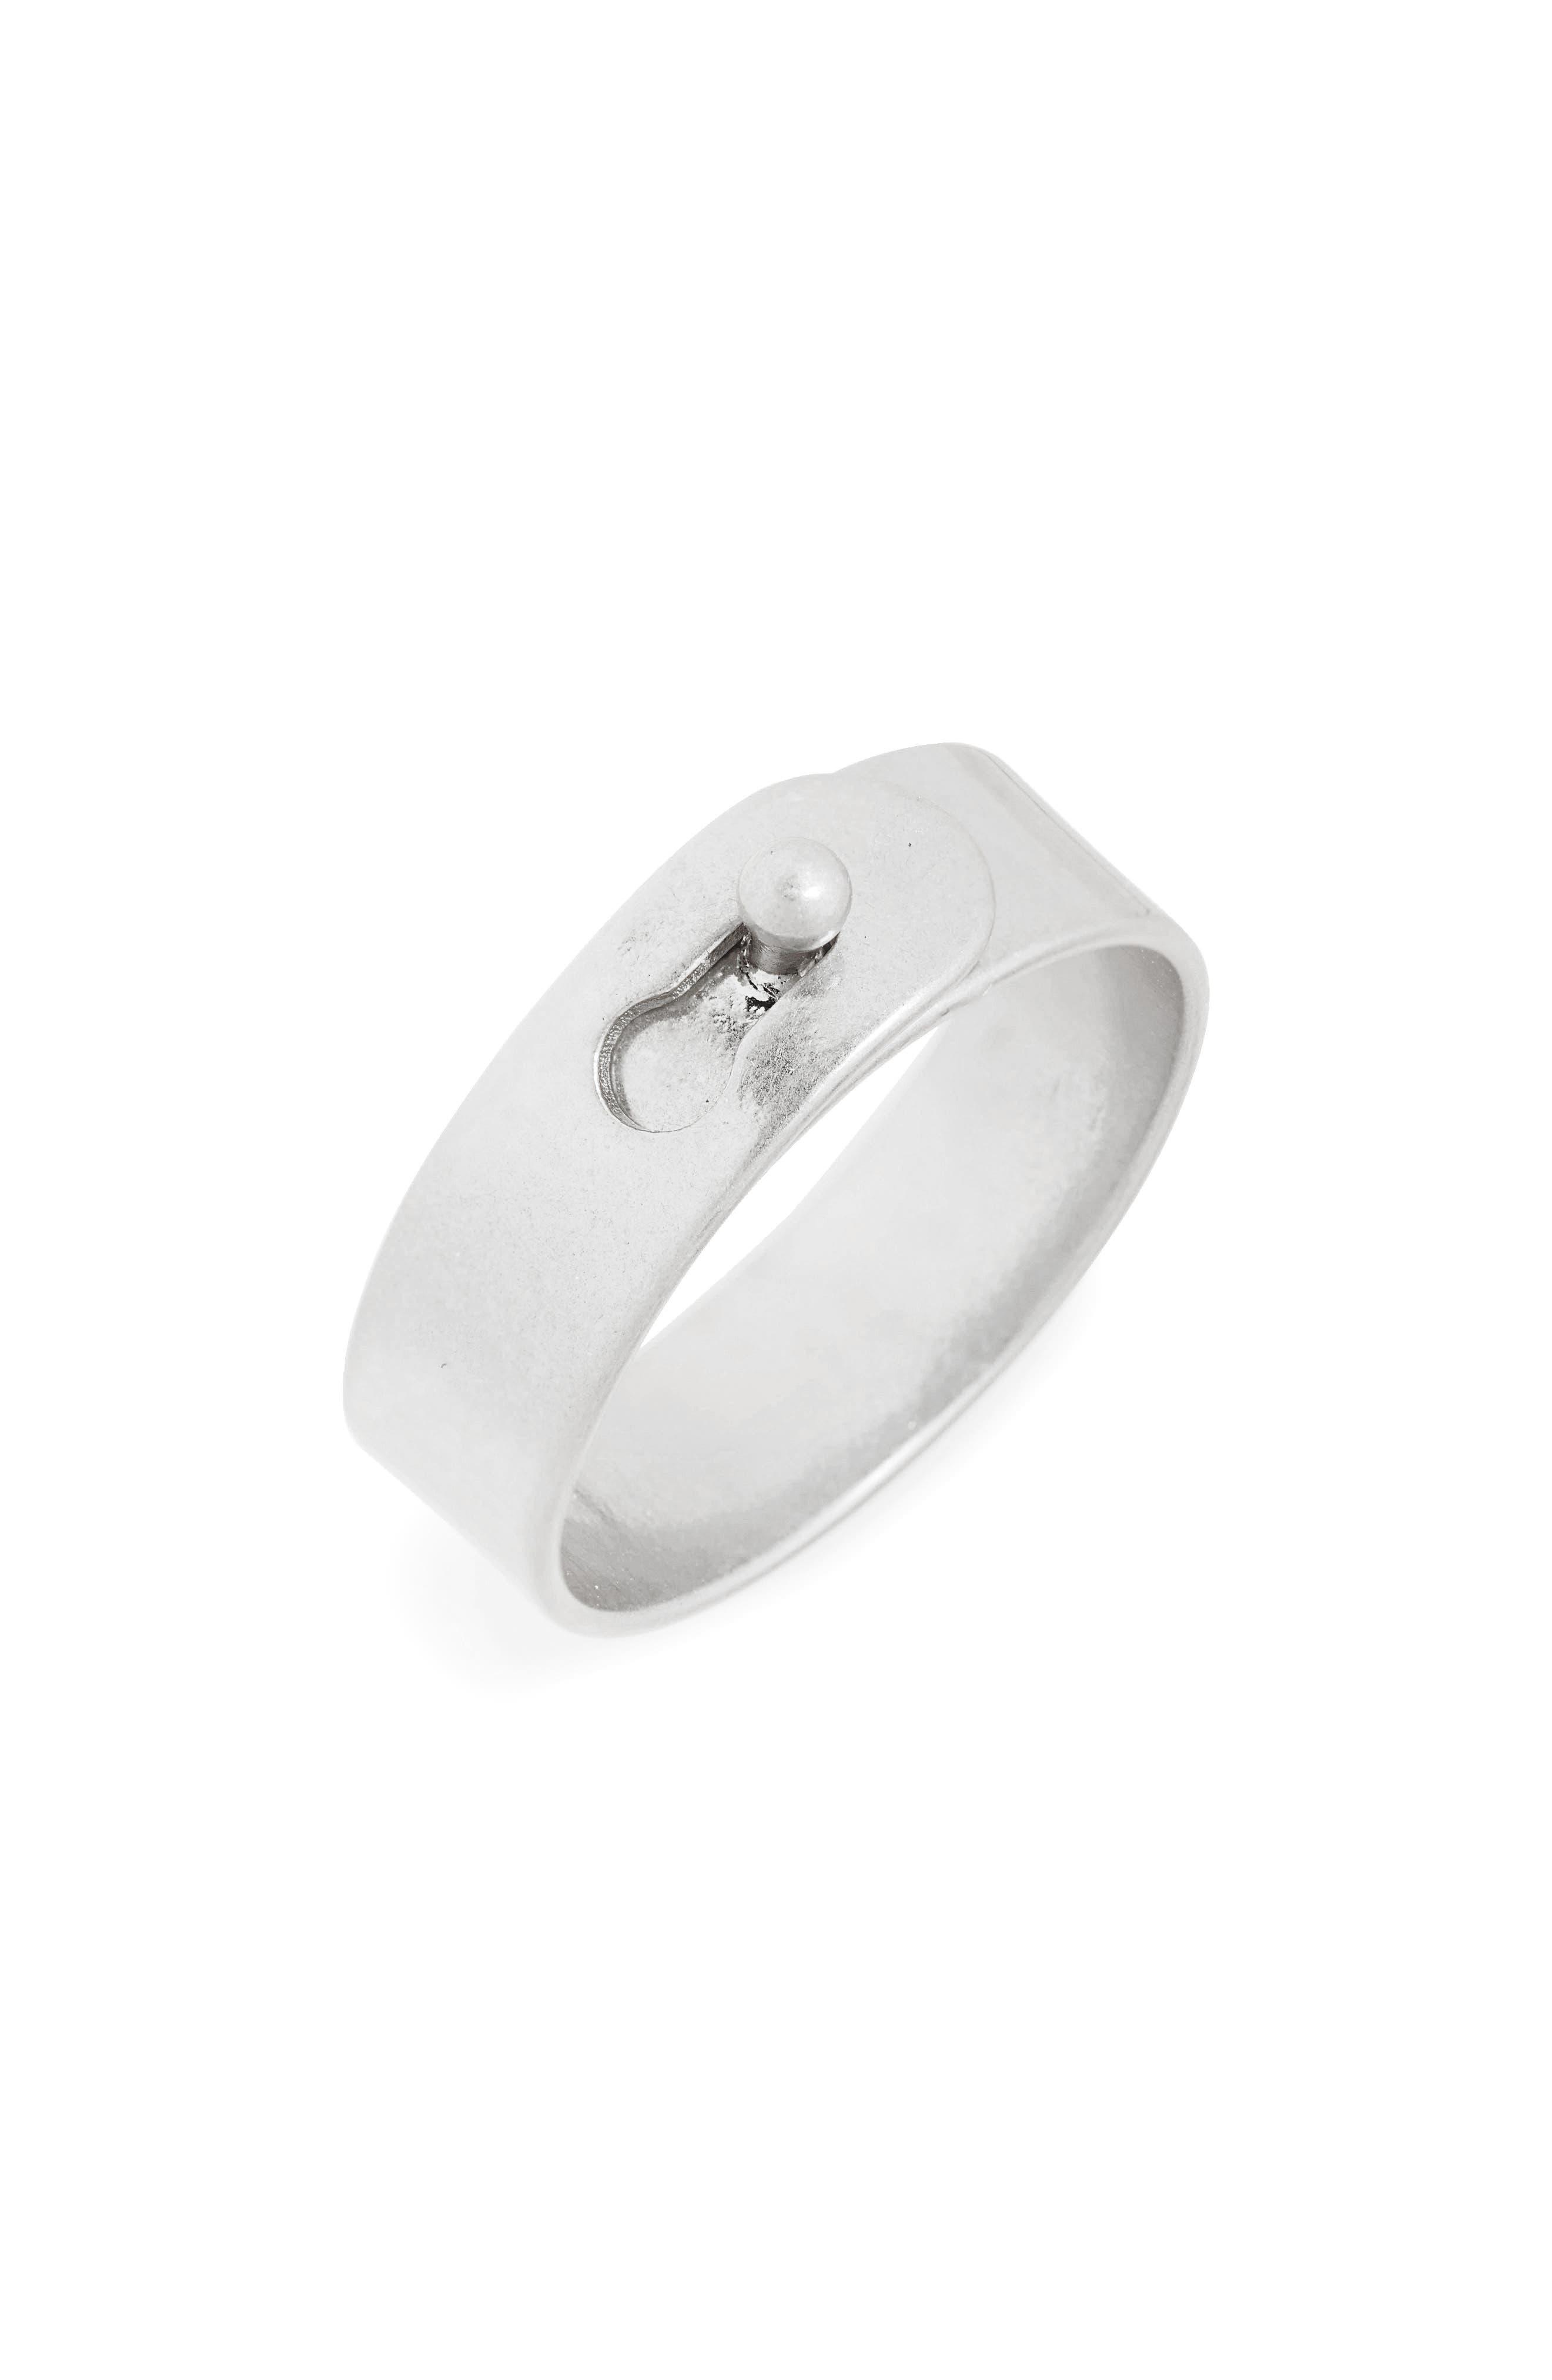 Glider Ring,                             Main thumbnail 1, color,                             040